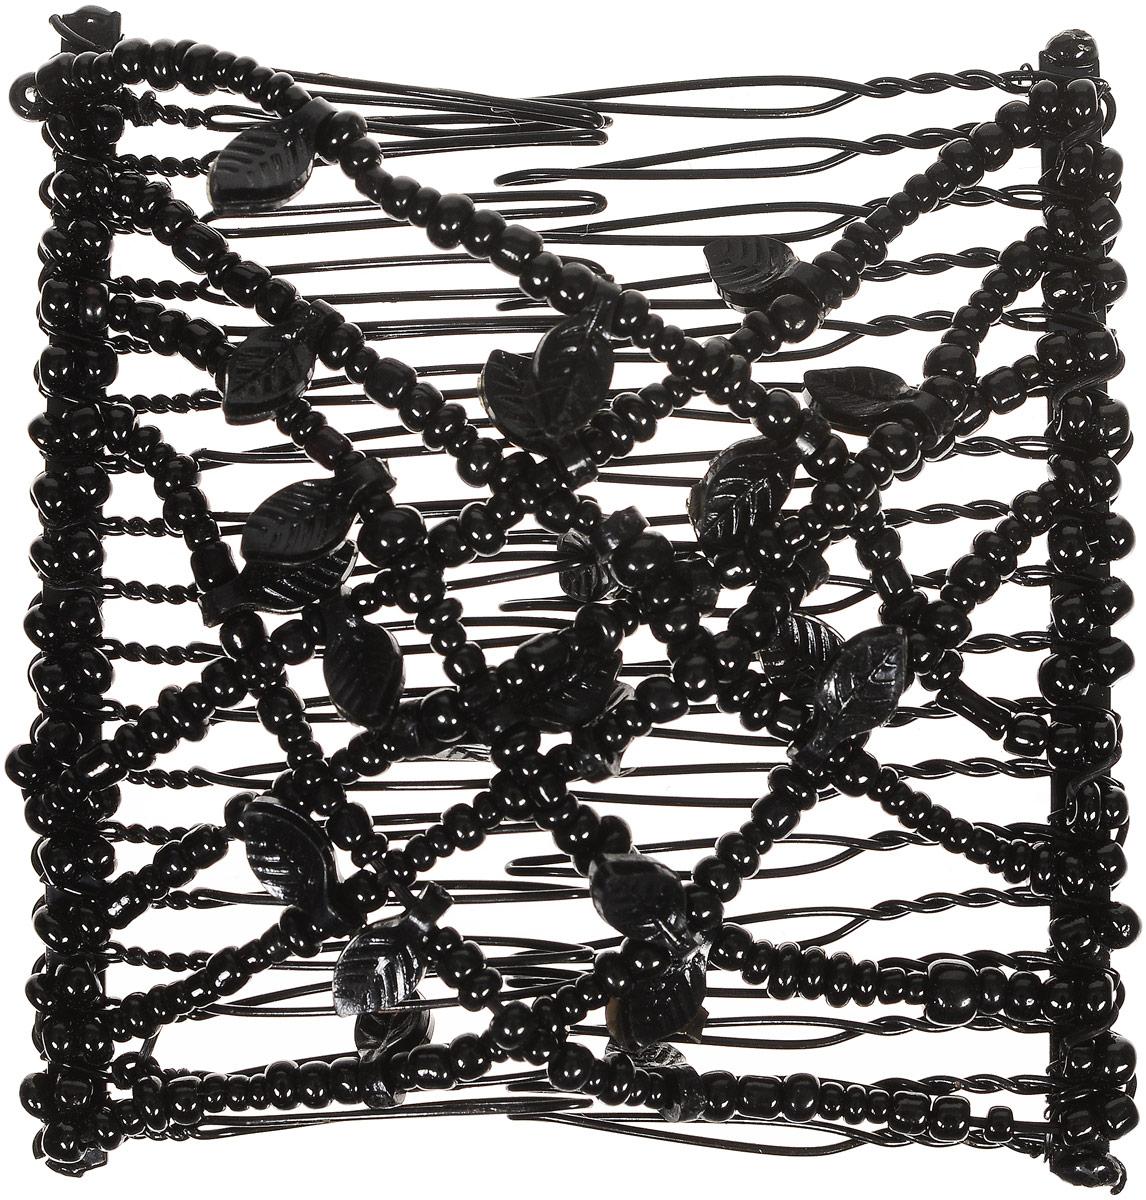 EZ-Combs Заколка Изи-Комбс, одинарная, цвет: черный. ЗИО_лист ez combs заколка изи комбс одинарная цвет коричневый зио цветок с серебром